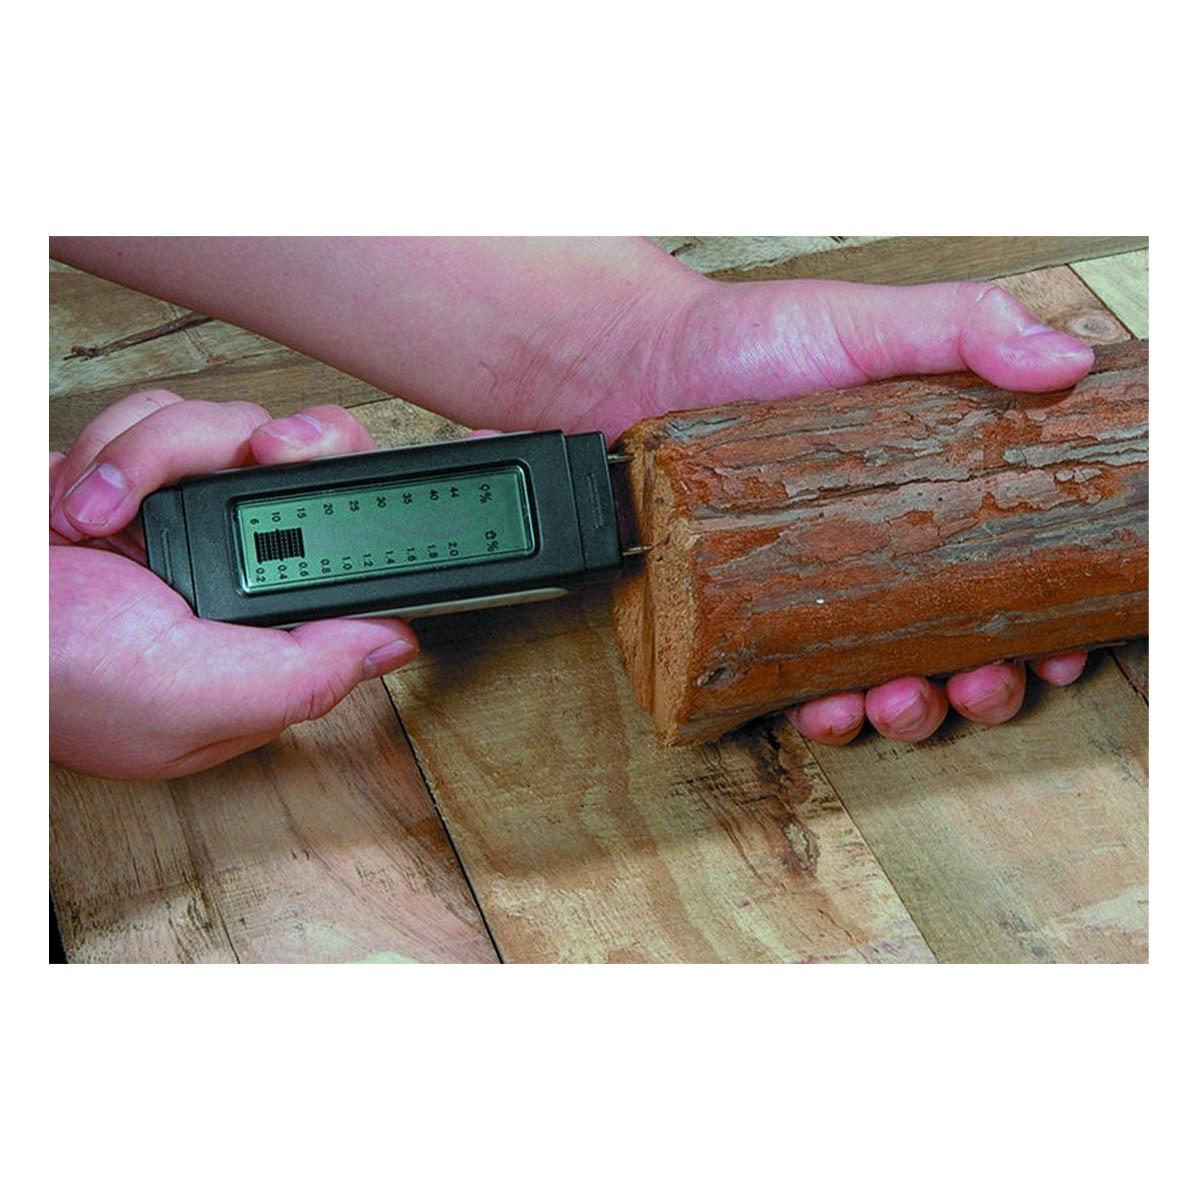 30-5500-materialfeuchtemessgerät-humidcheck-anwendung1-1200x1200px.jpg